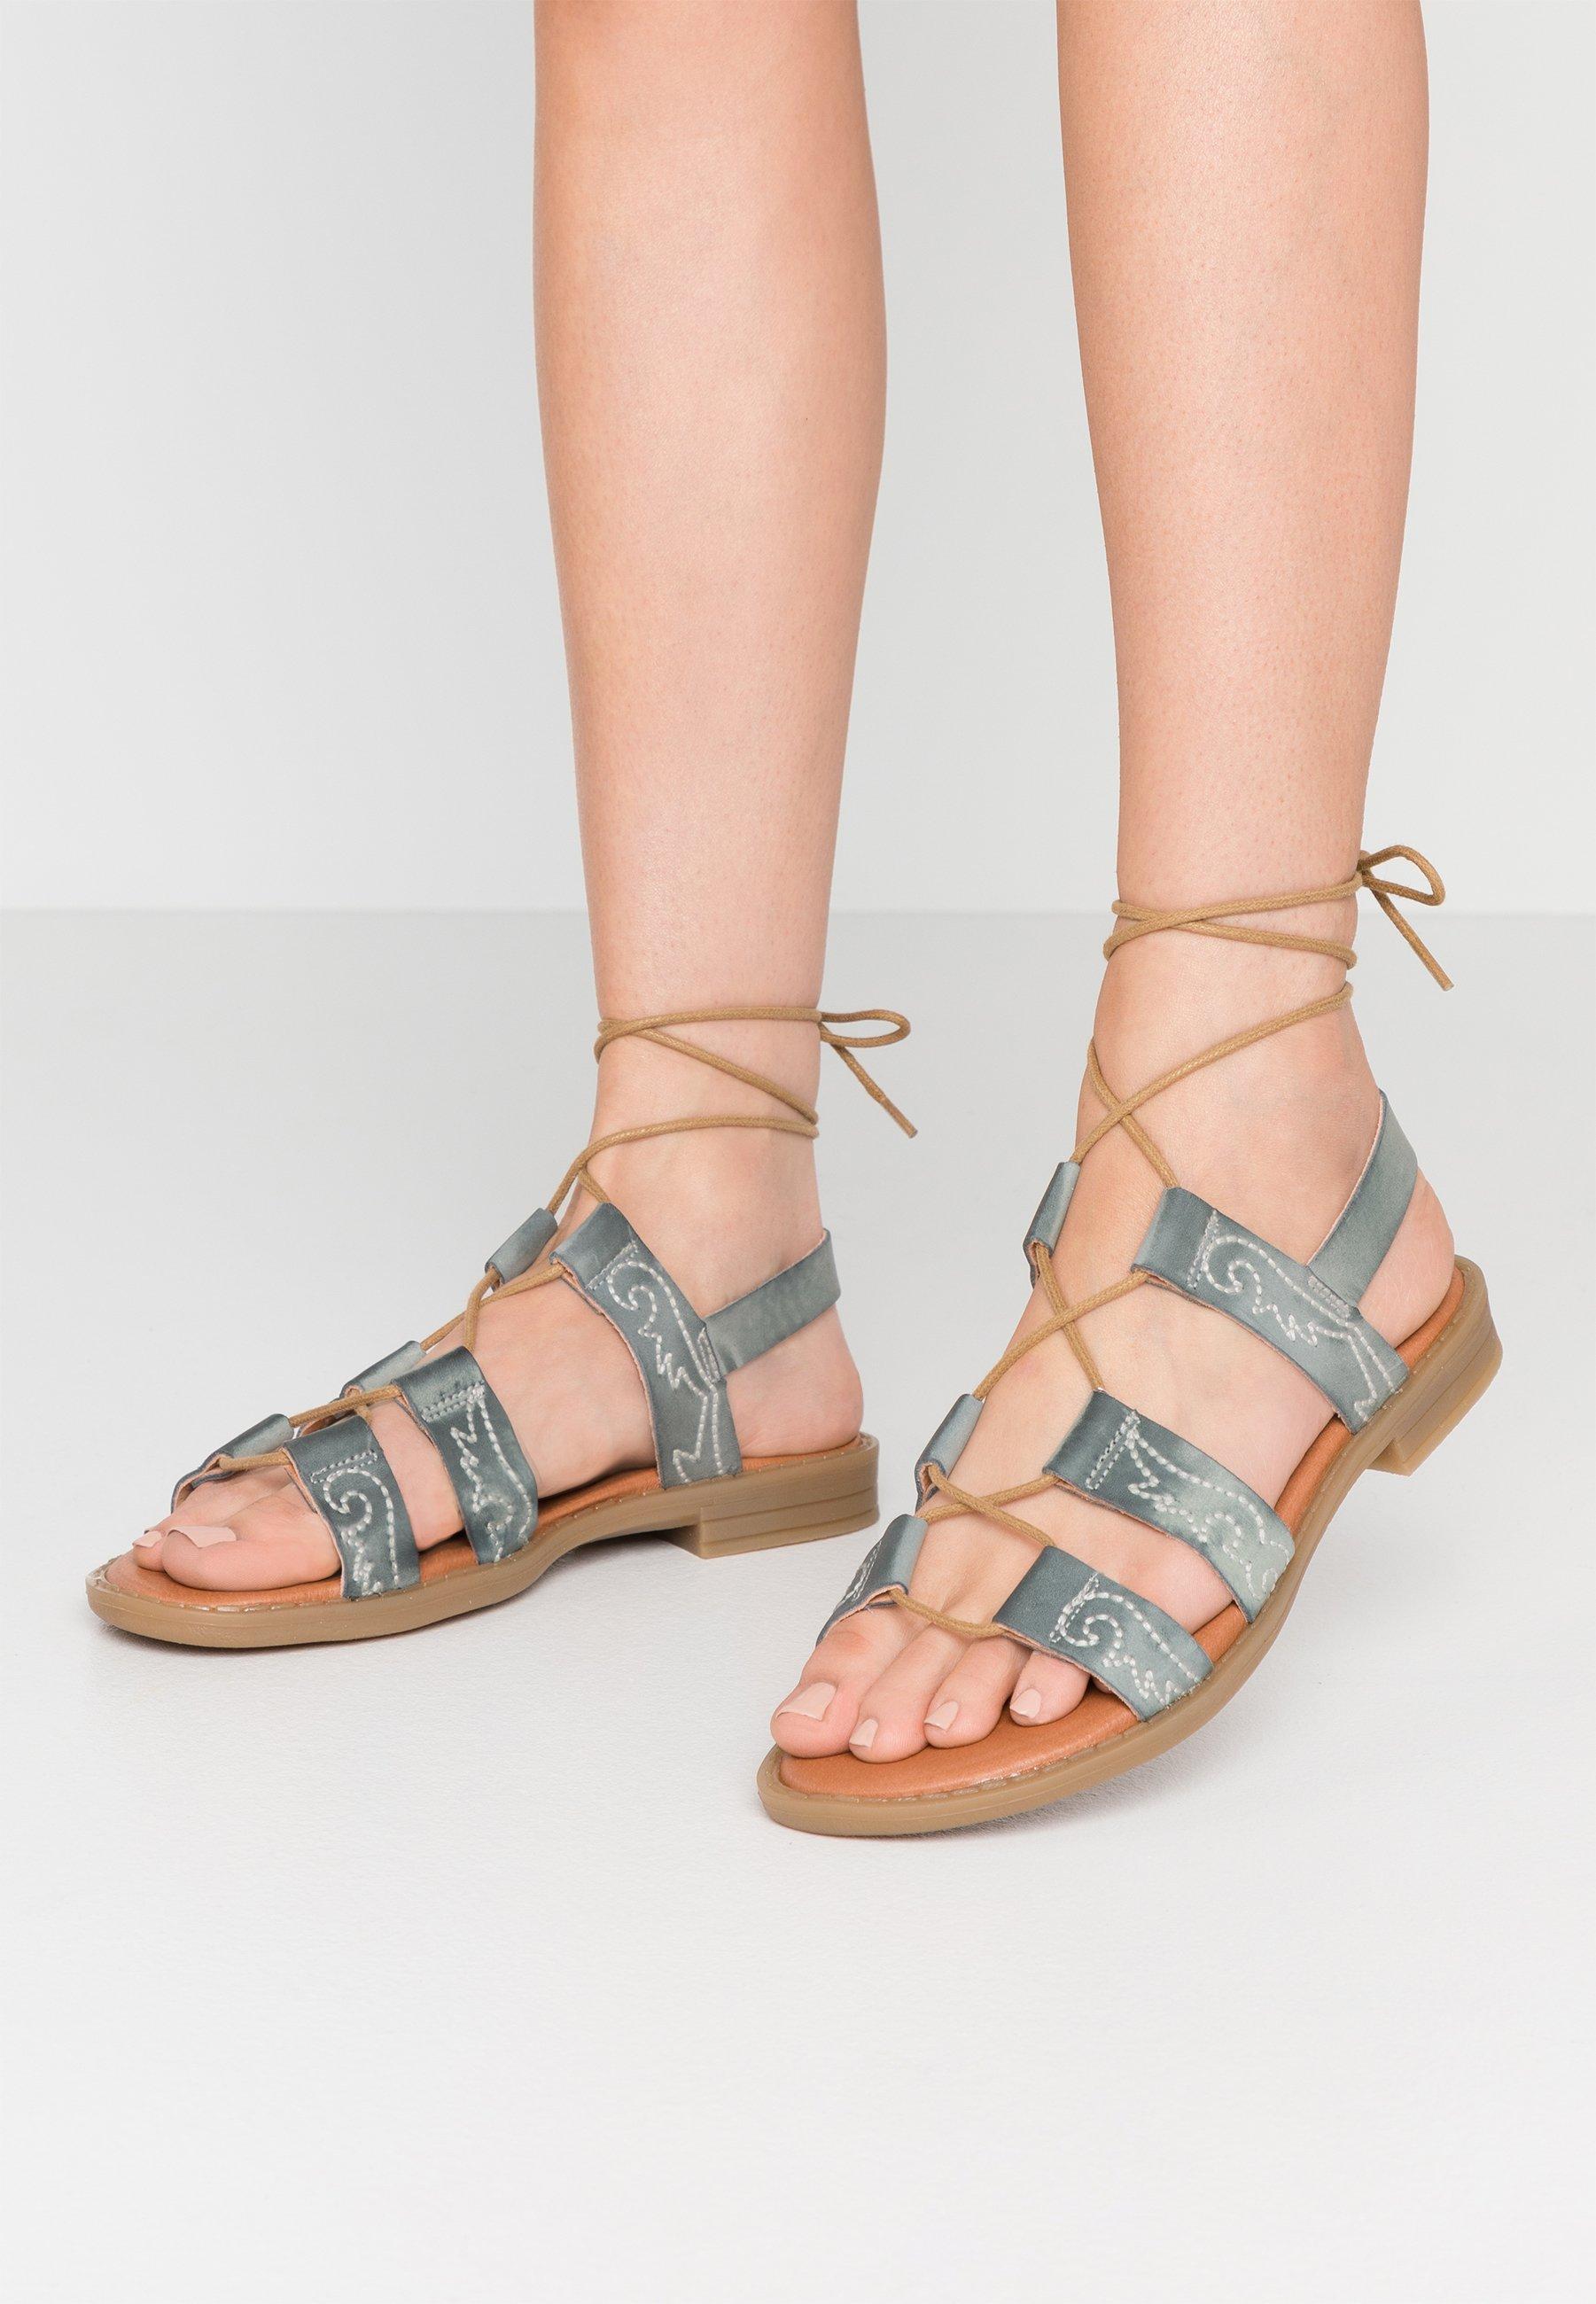 Sandalias Verdes de mujer | Comprar colección para mujer en